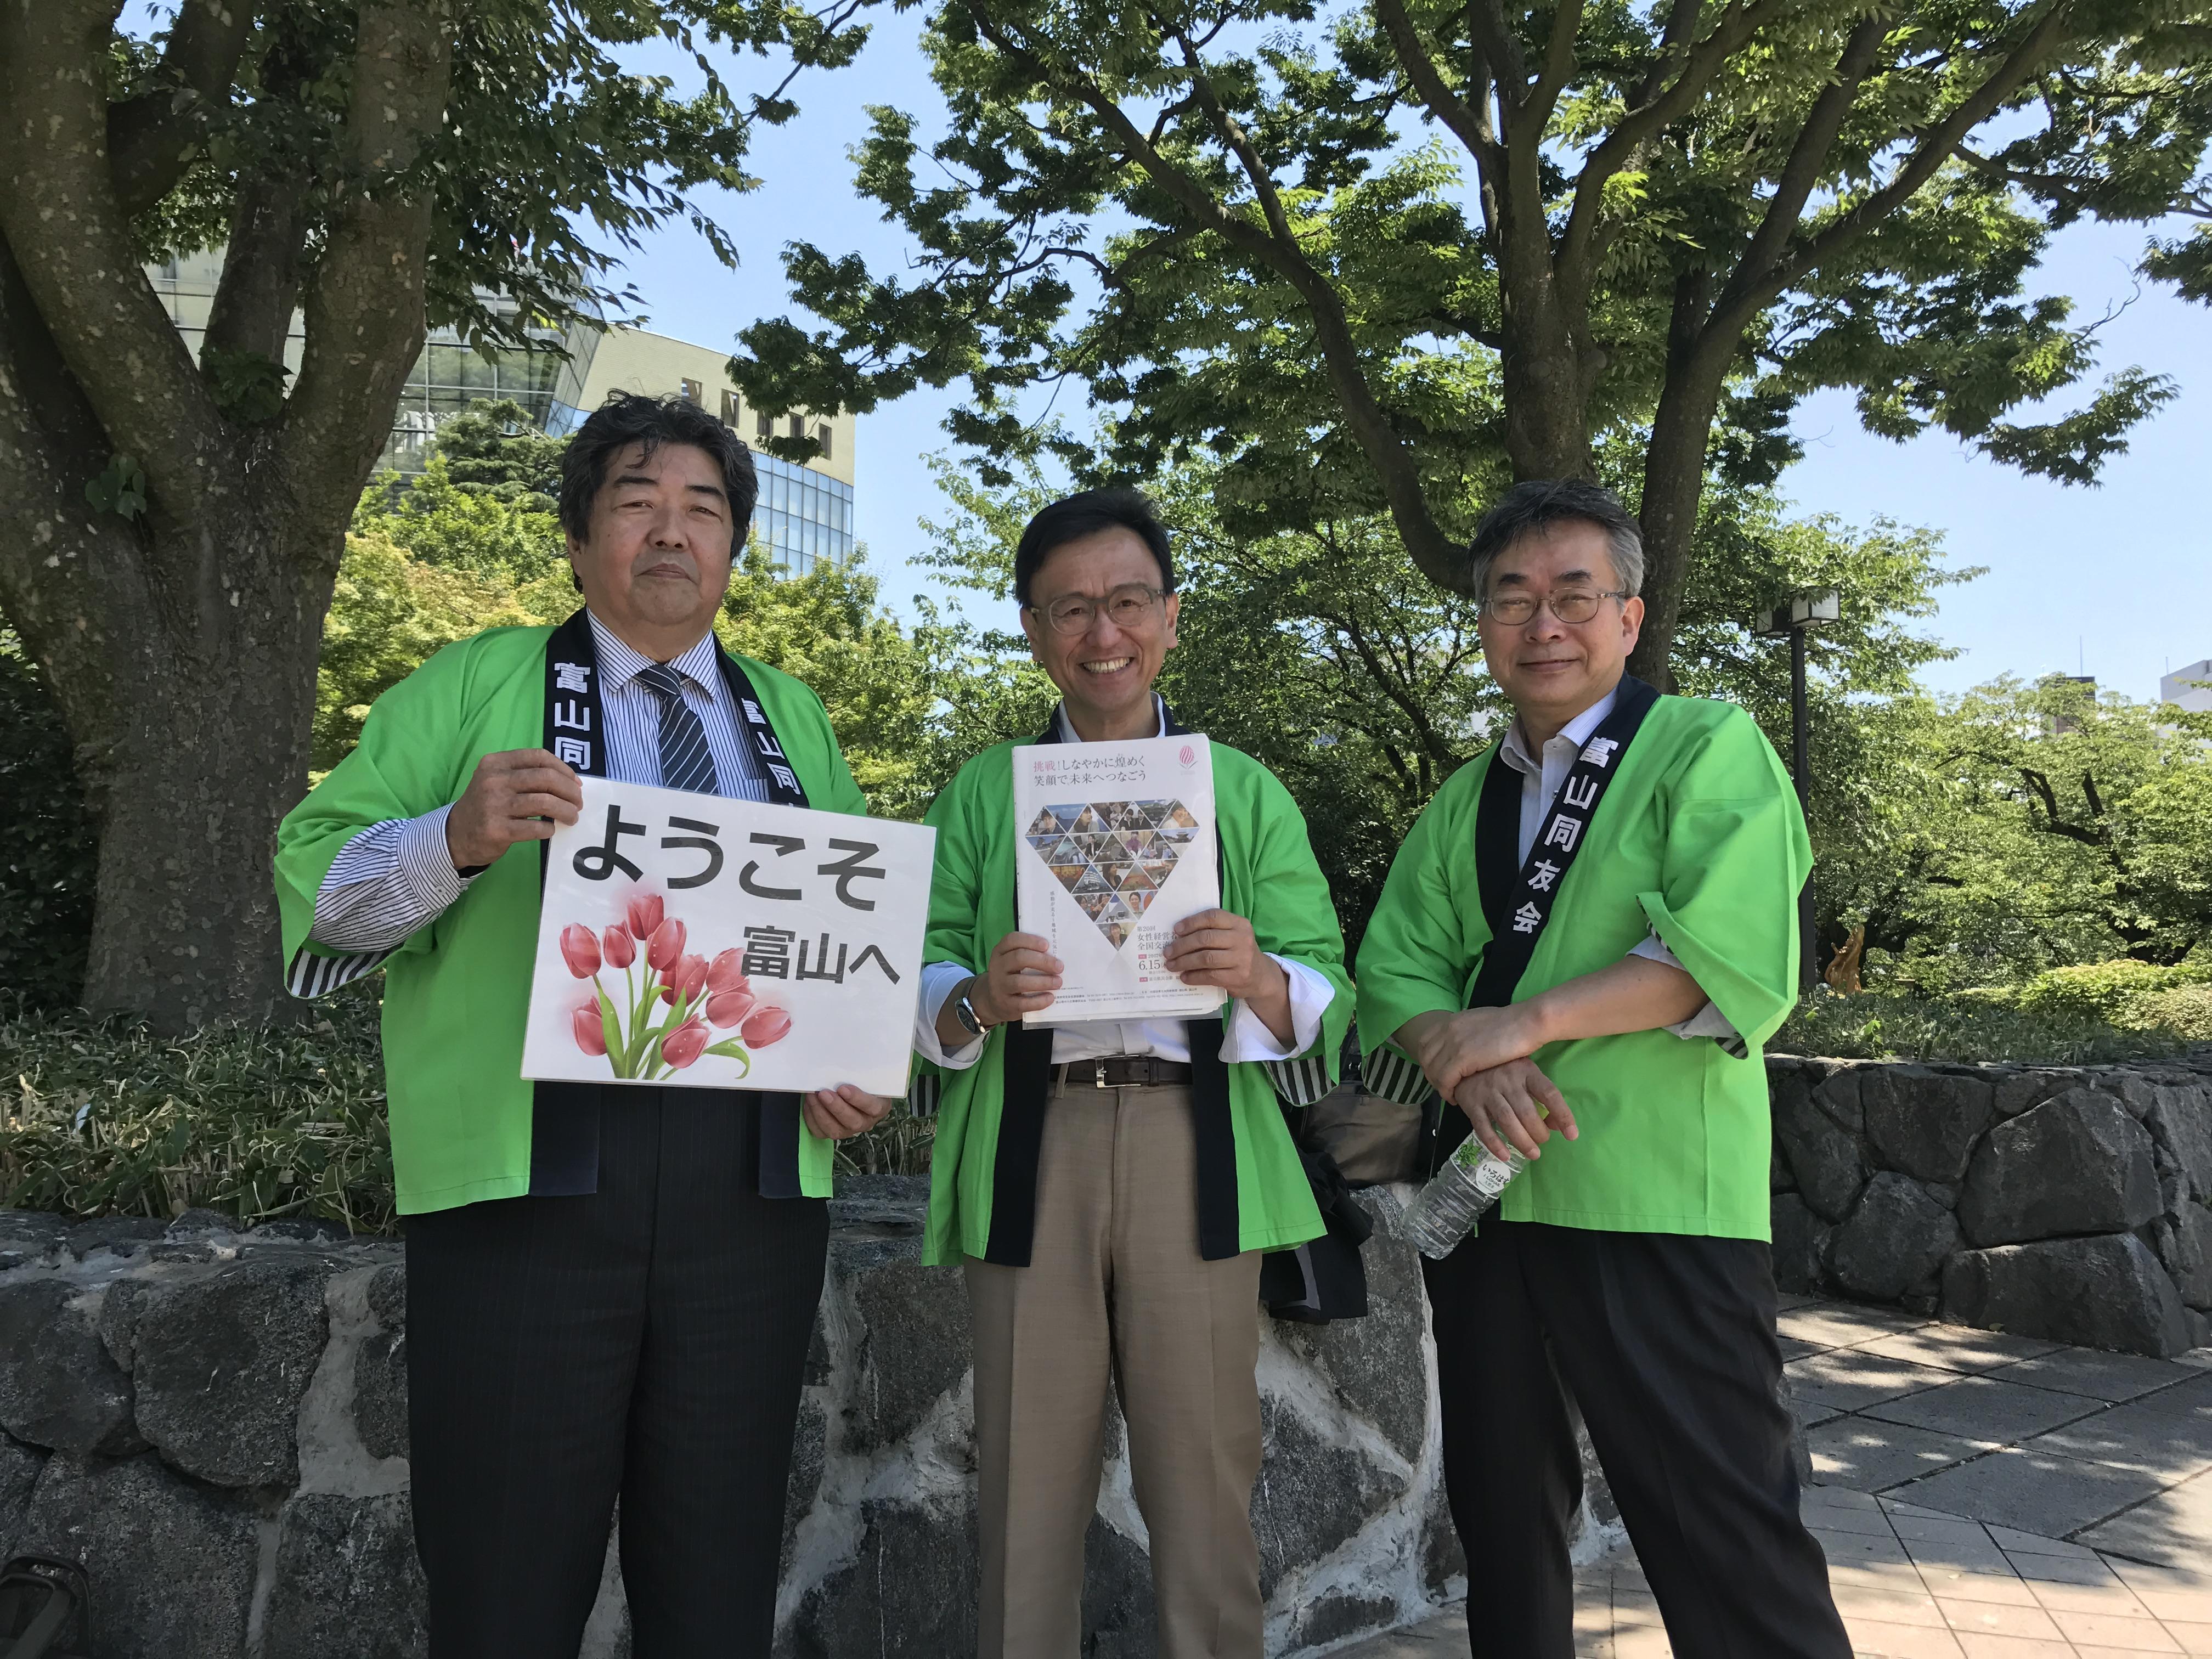 女全交in富山 お出迎えチーム!